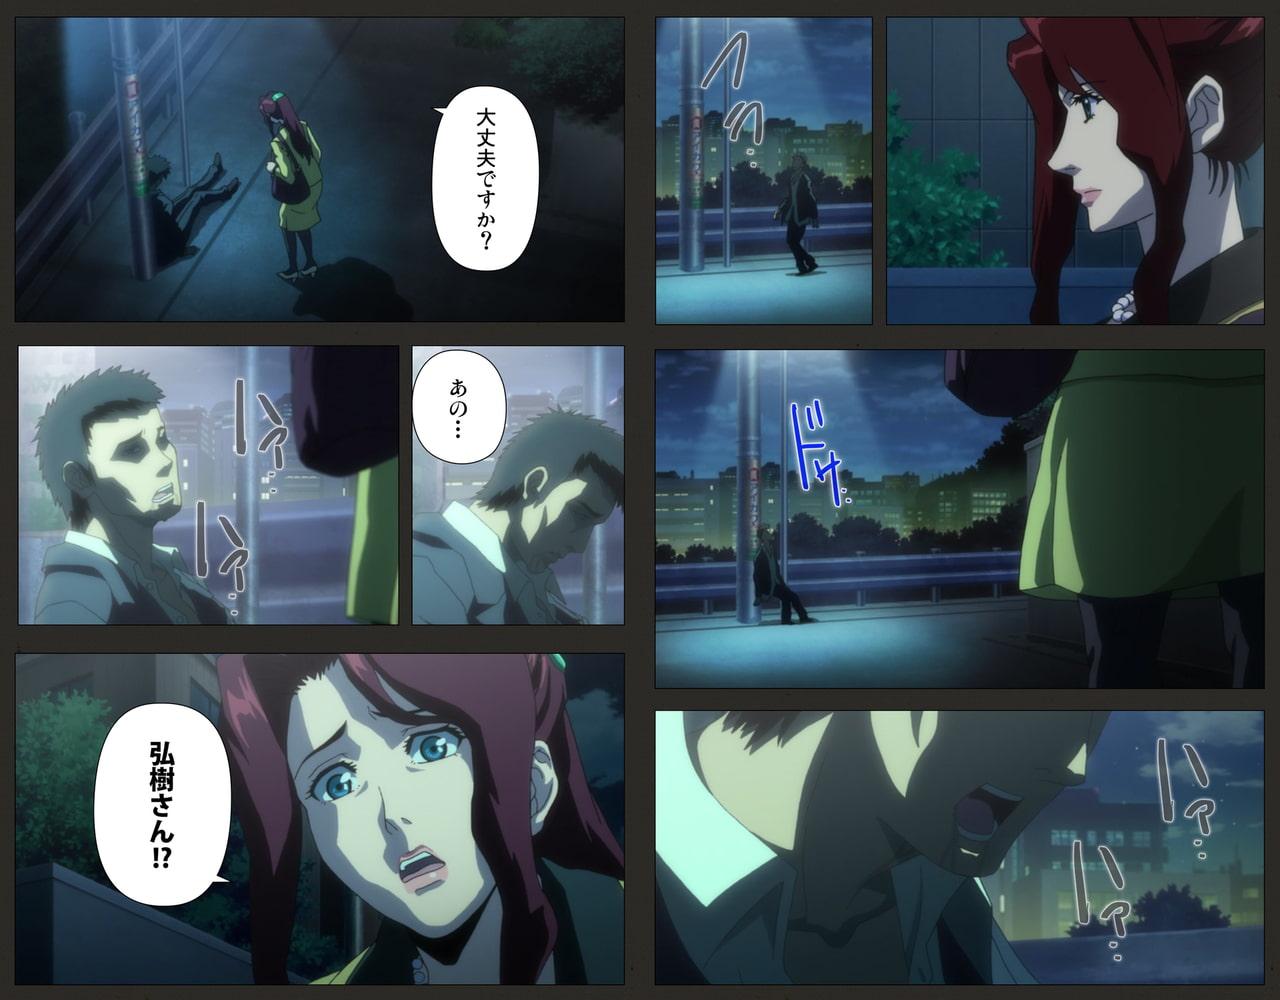 鬼畜 ~母姉妹調教日記~ 第五話 二階堂瞳【フルカラー成人版】